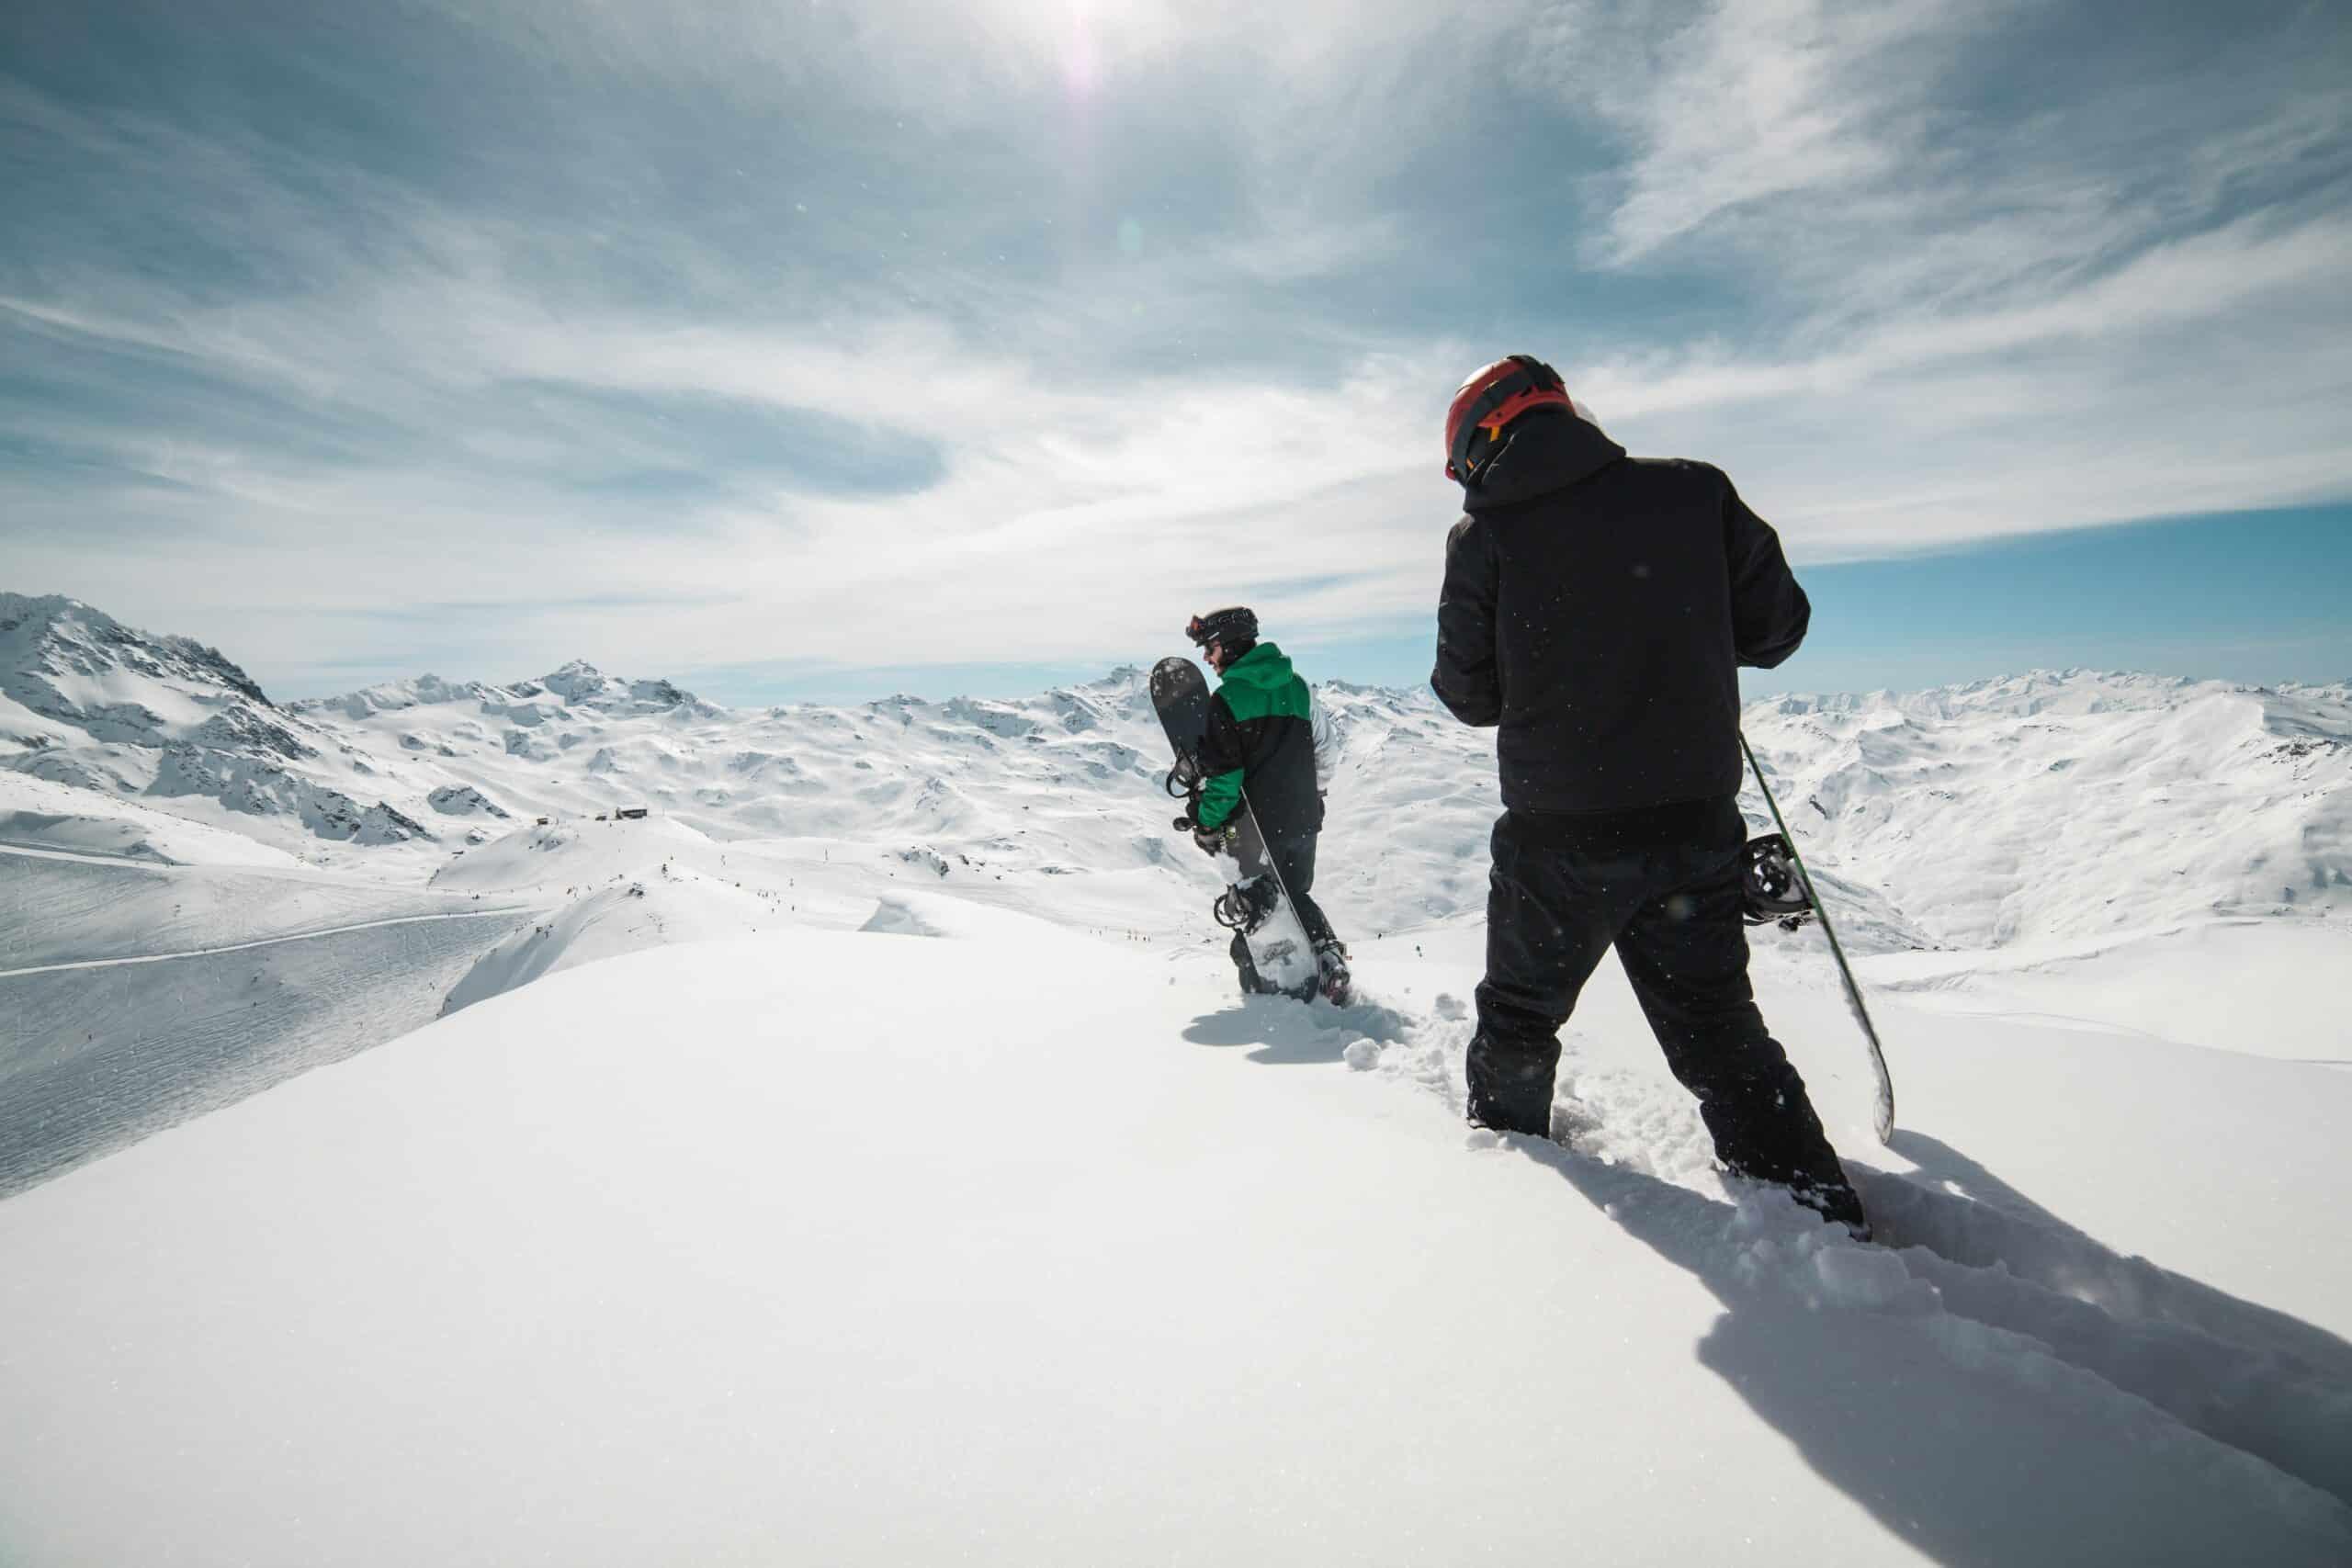 man teaching kid to snowboard